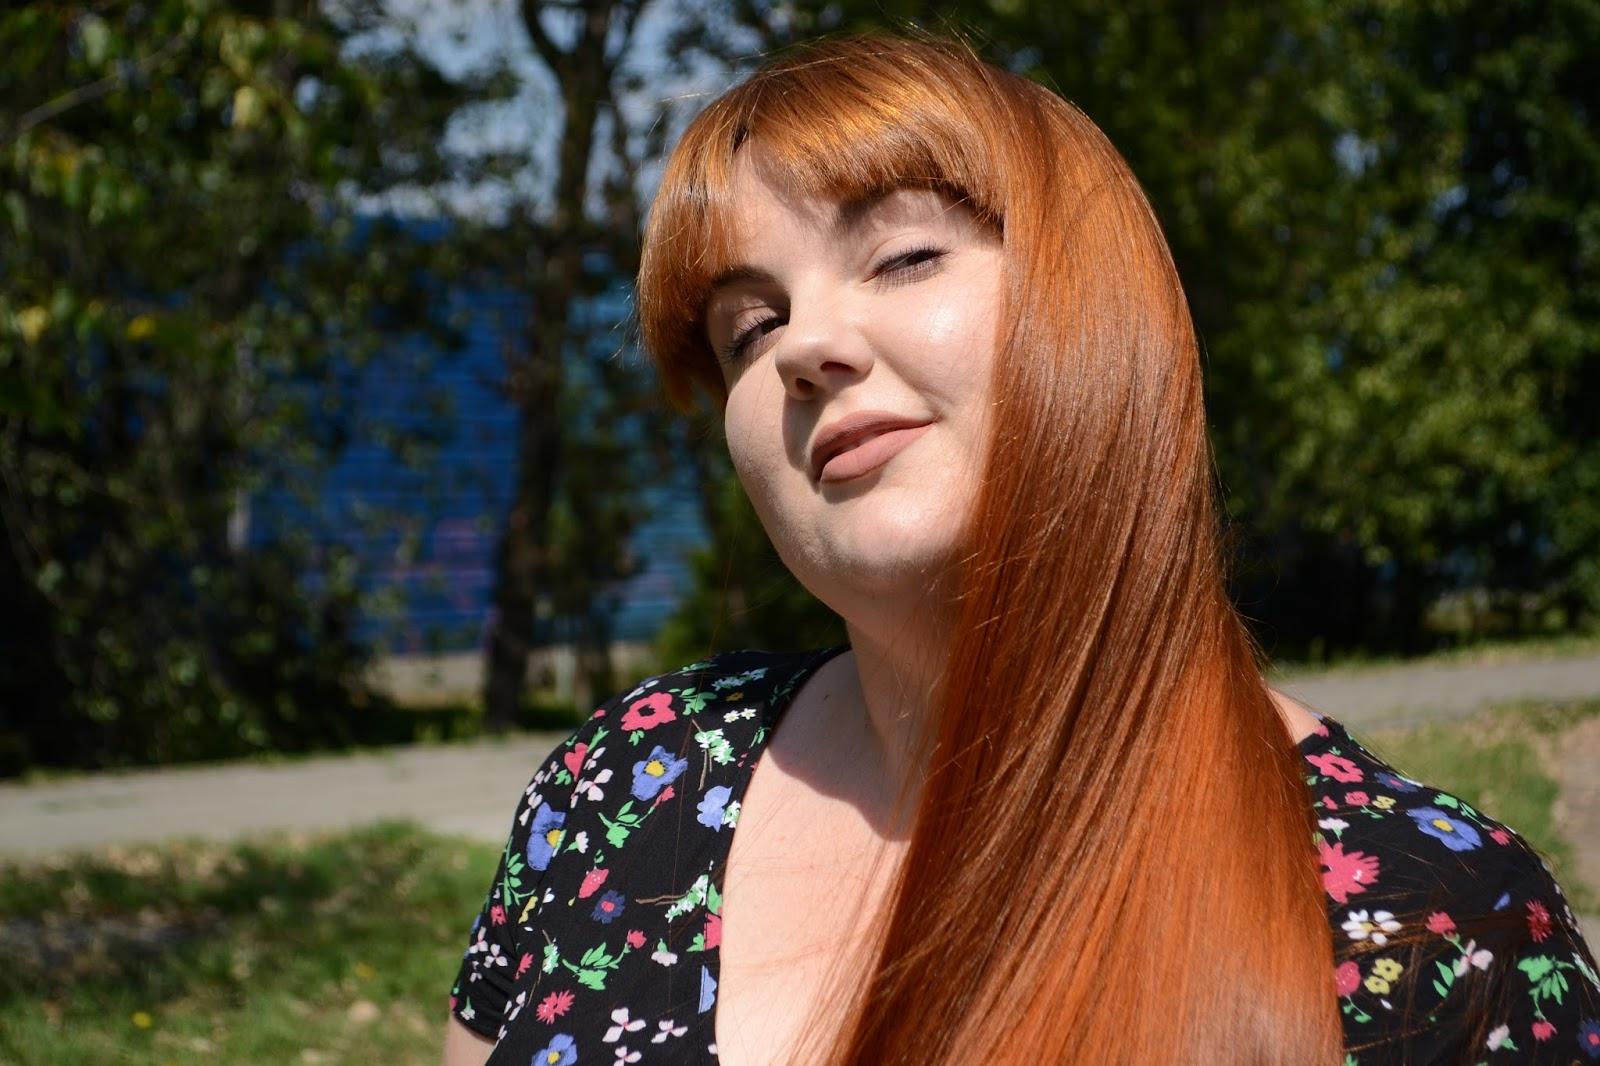 Aktualizacja włosowa - Lipiec, jak przypadkiem uzyskałam nowy kolor włosów/nowe zioło